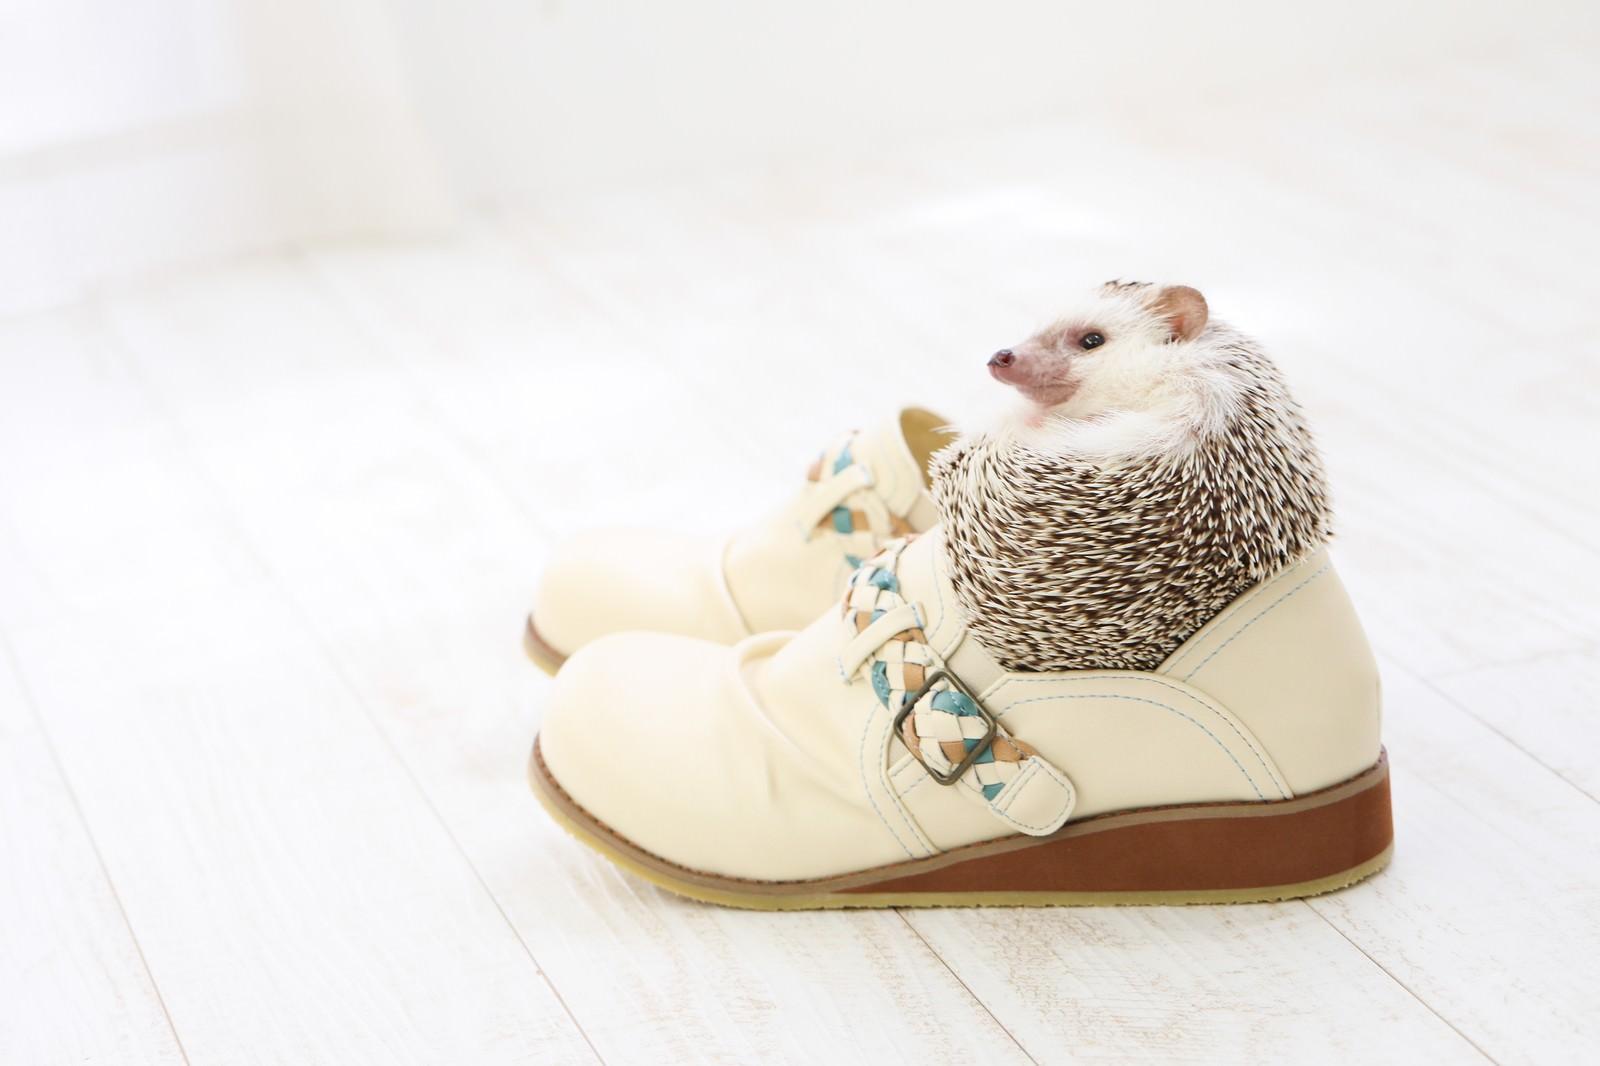 「人間の靴にはまり込むハリネズミ」の写真